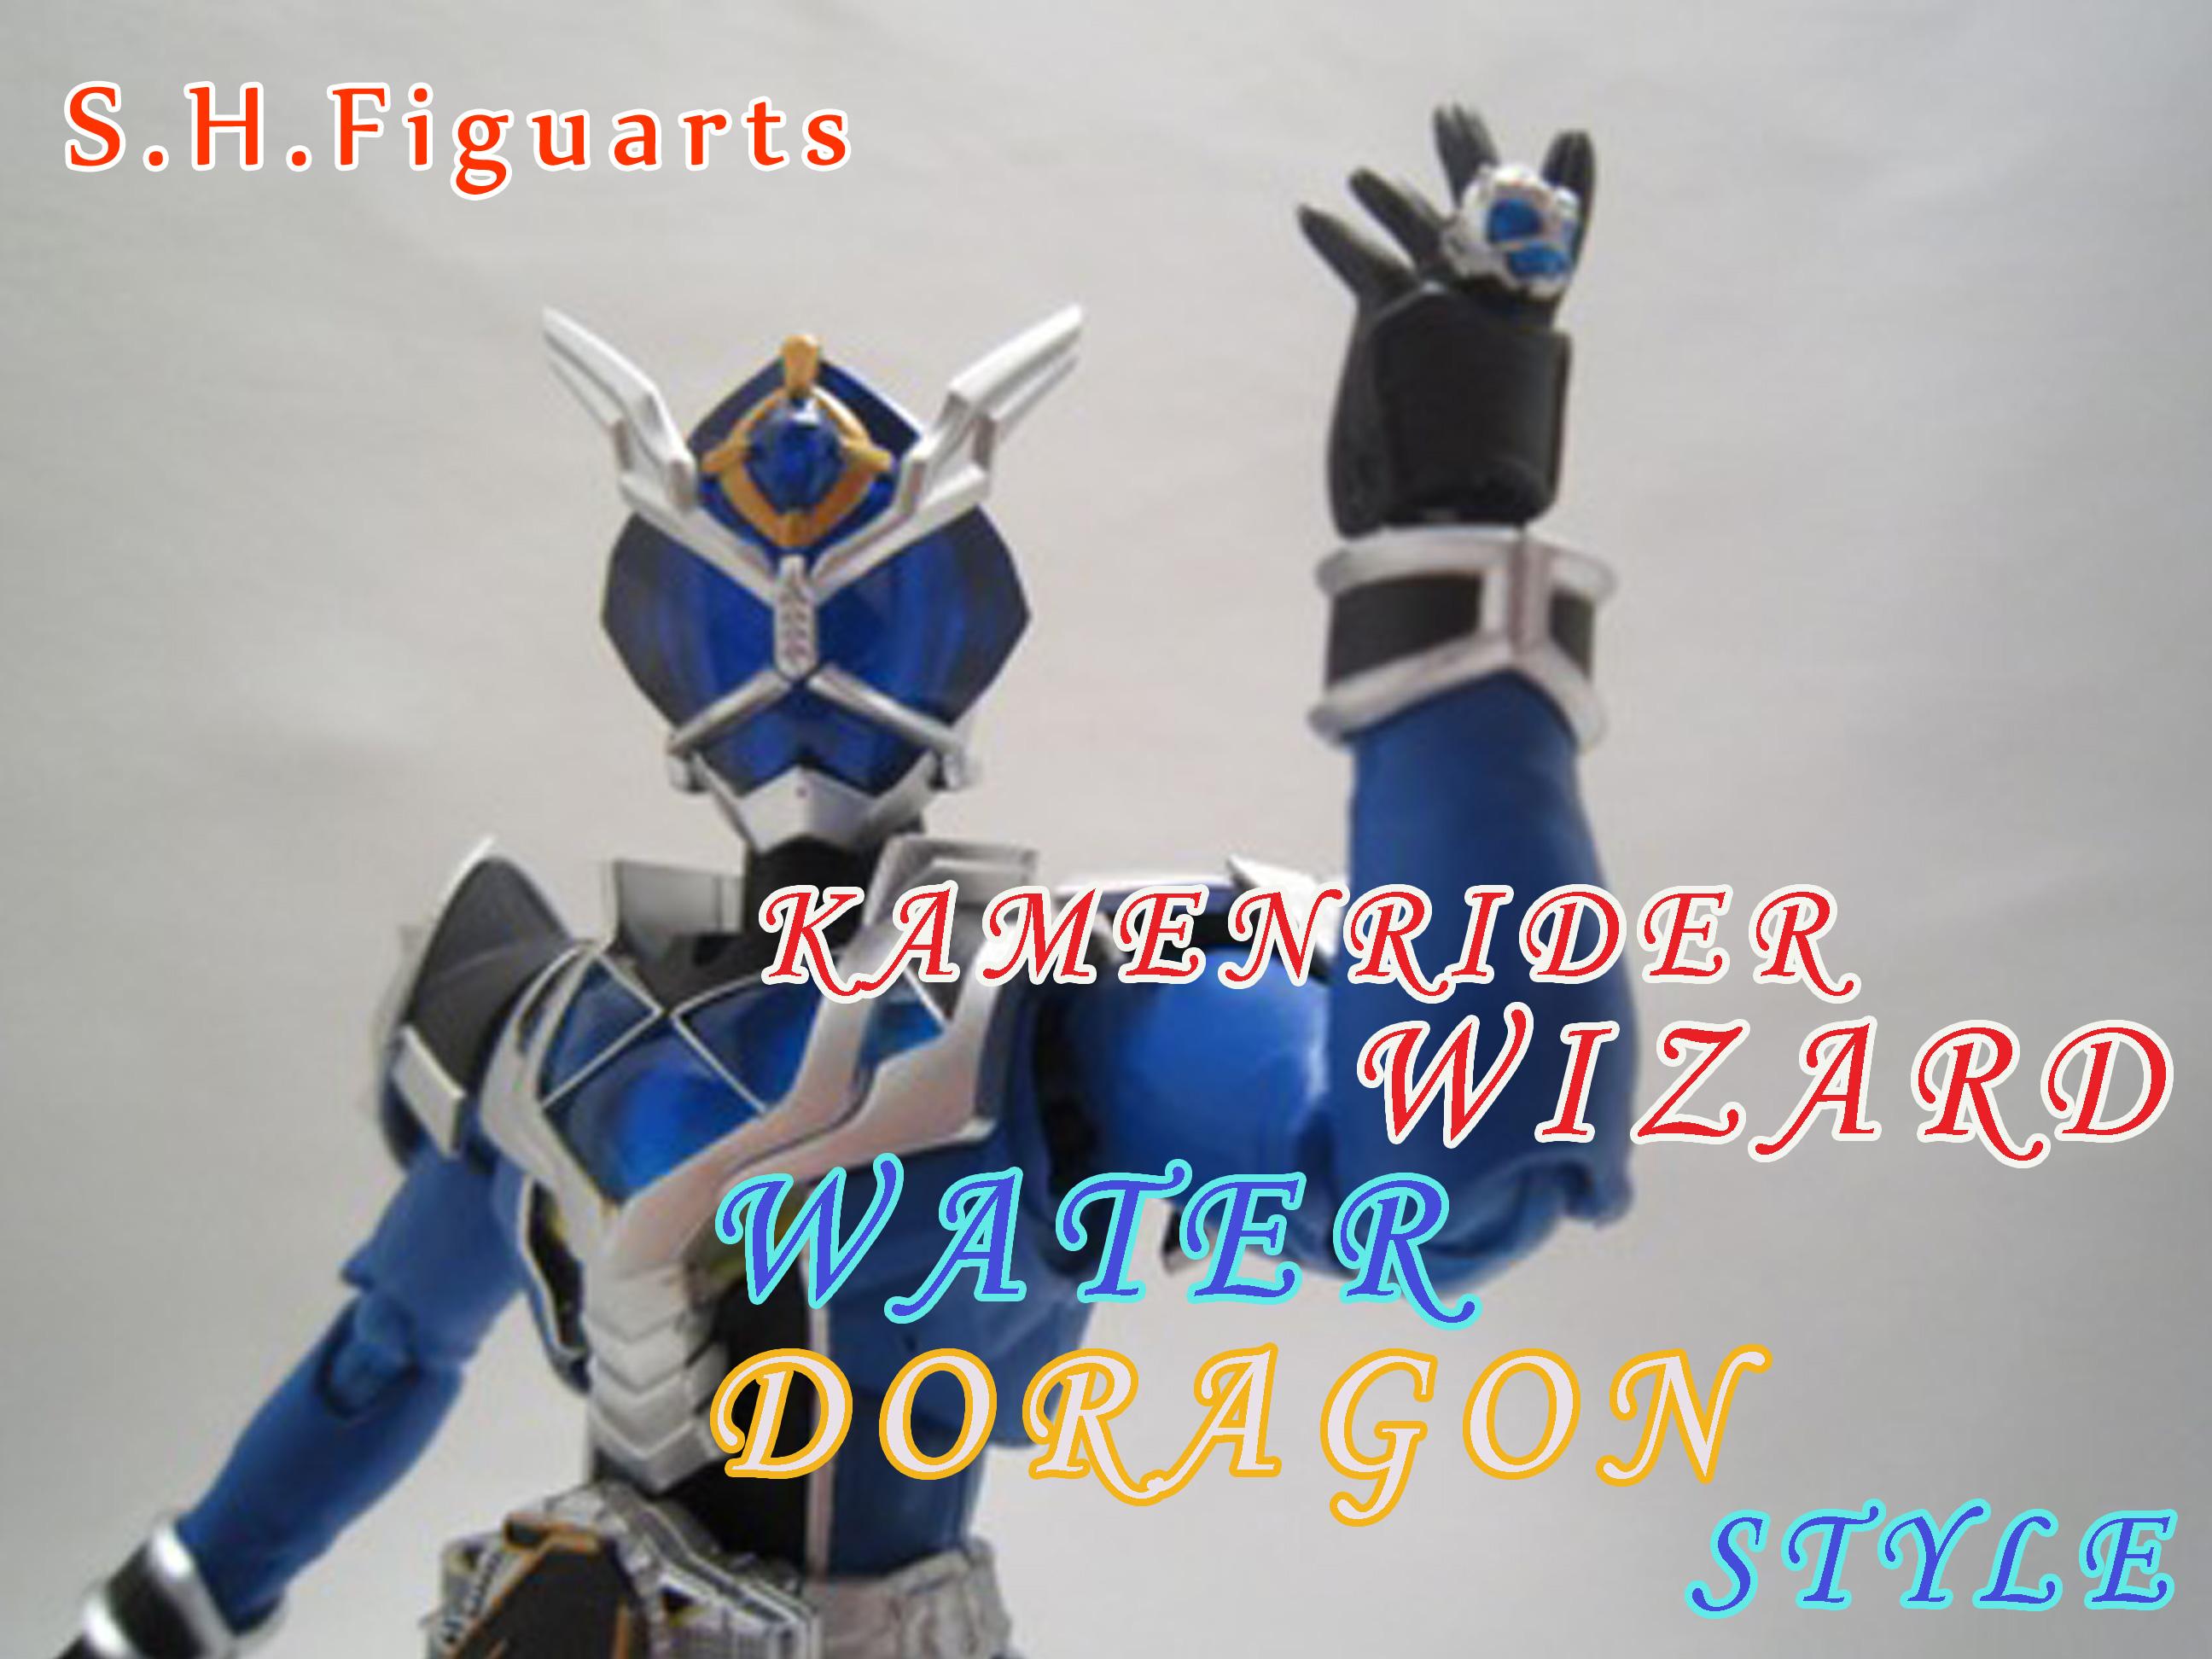 S.H.フィギュアーツ 仮面ライダーウィザード ウォータードラゴン レビュー